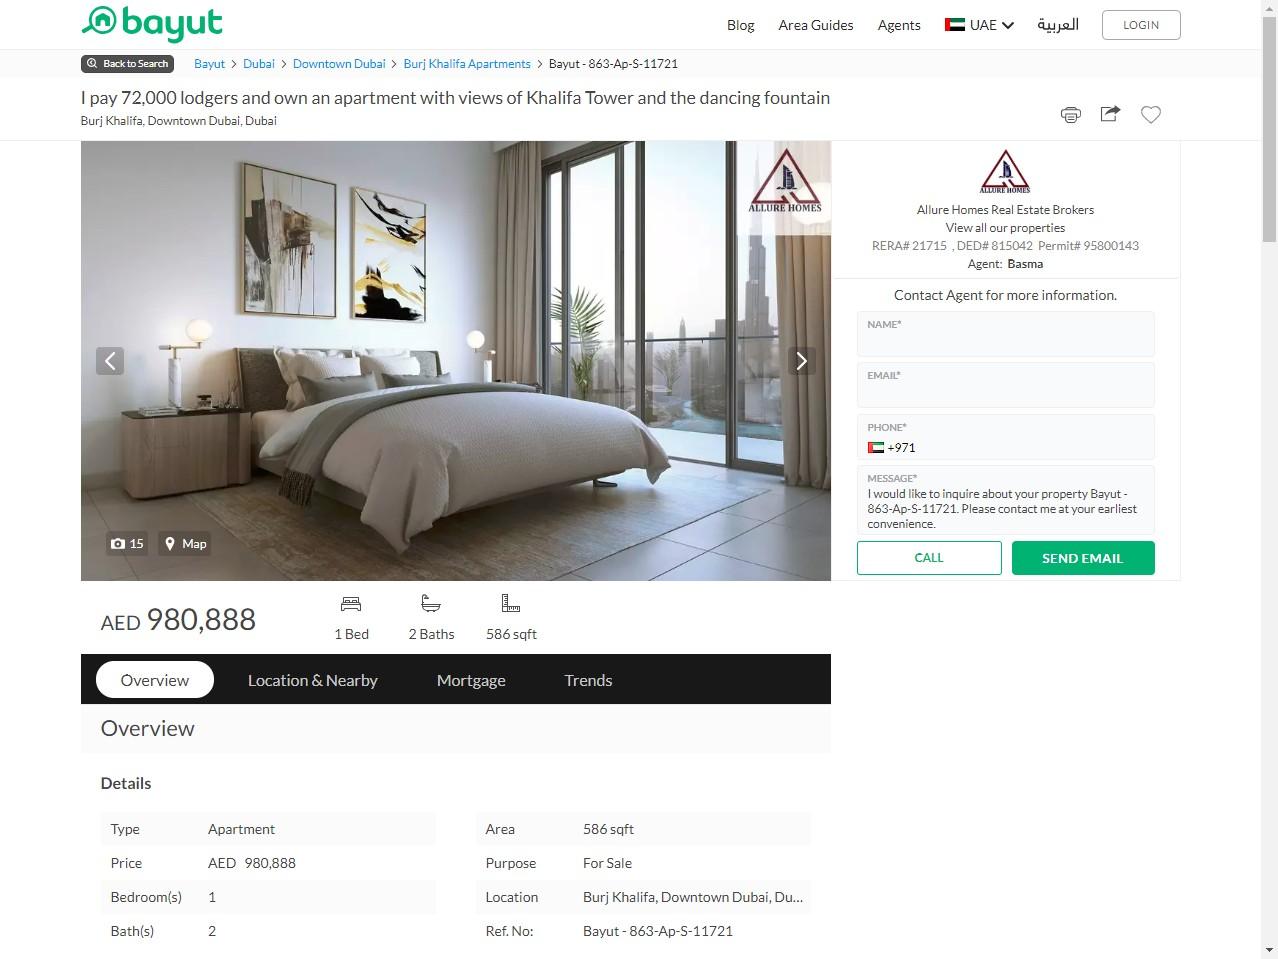 ブルジュハリファ値段一番安い部屋